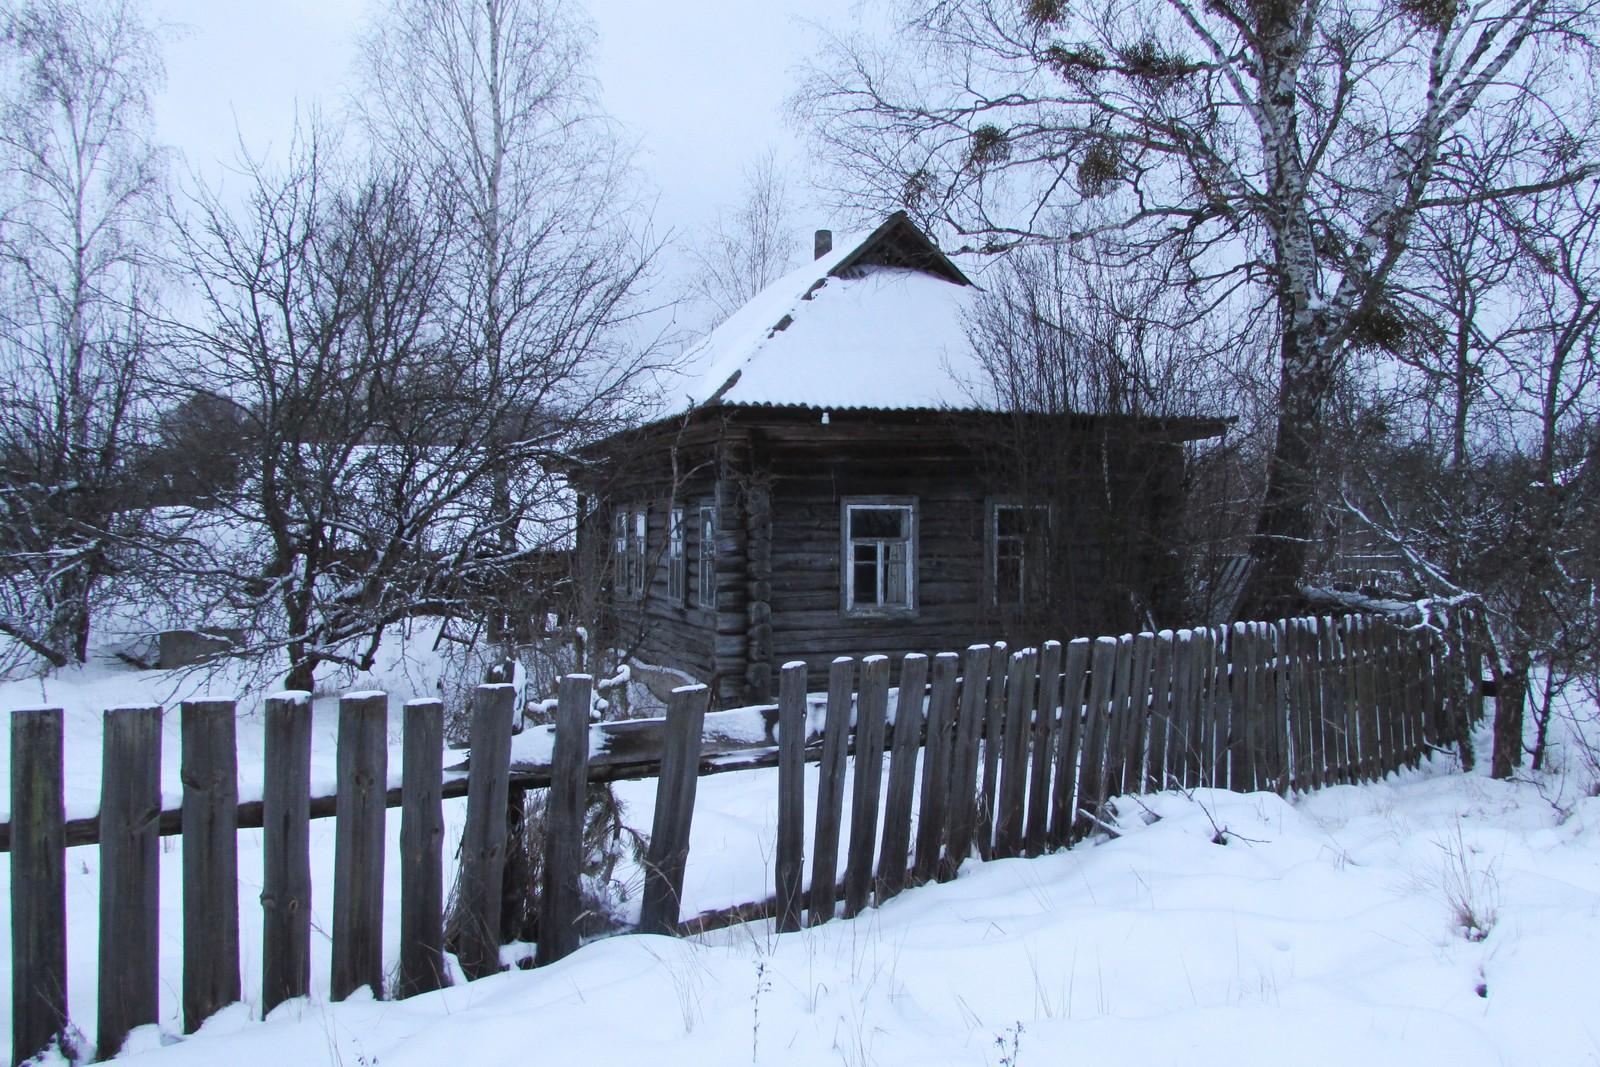 De mange tomme husene i landsbyen gir Parisjev et spøkelsesaktig preg.